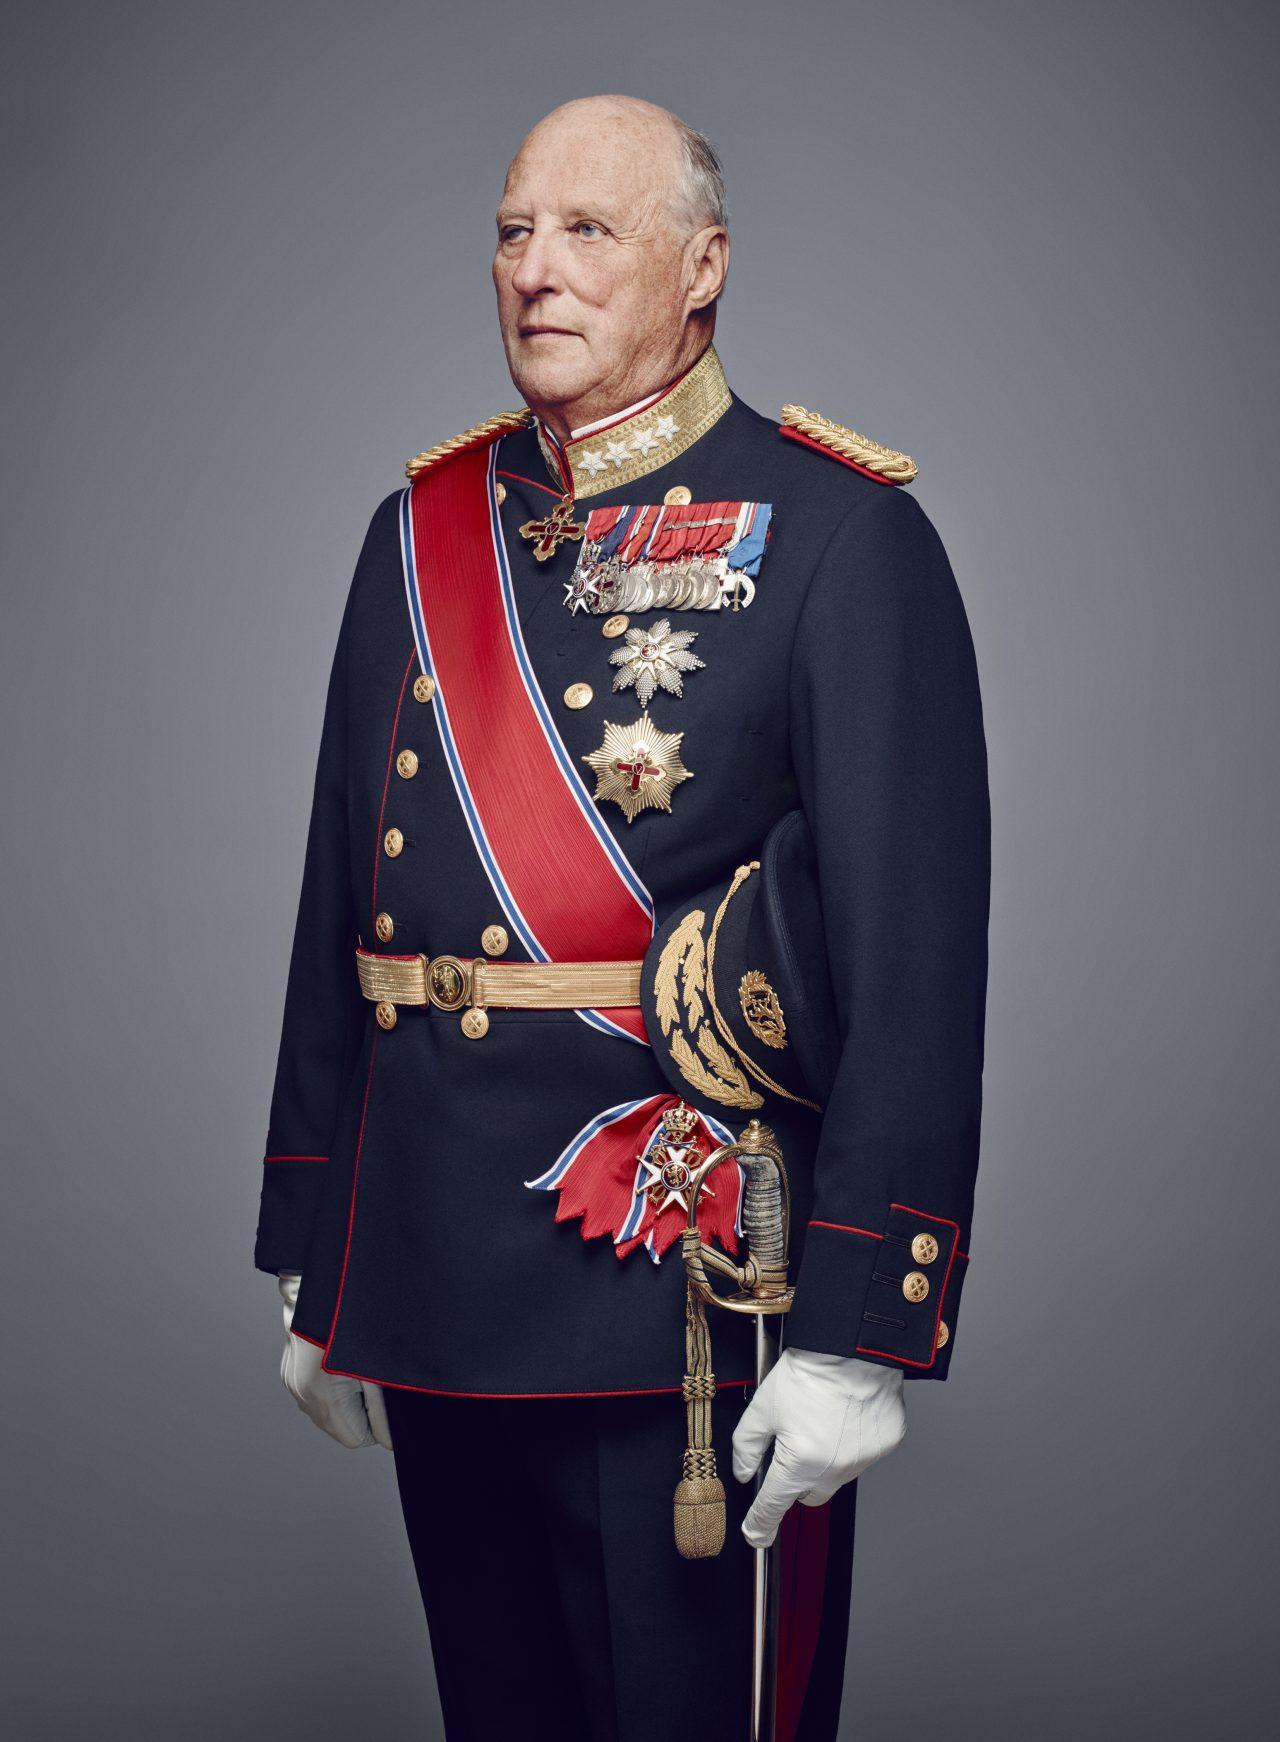 Offisielt portrett av Hans Majestet Kong Harald i uniform